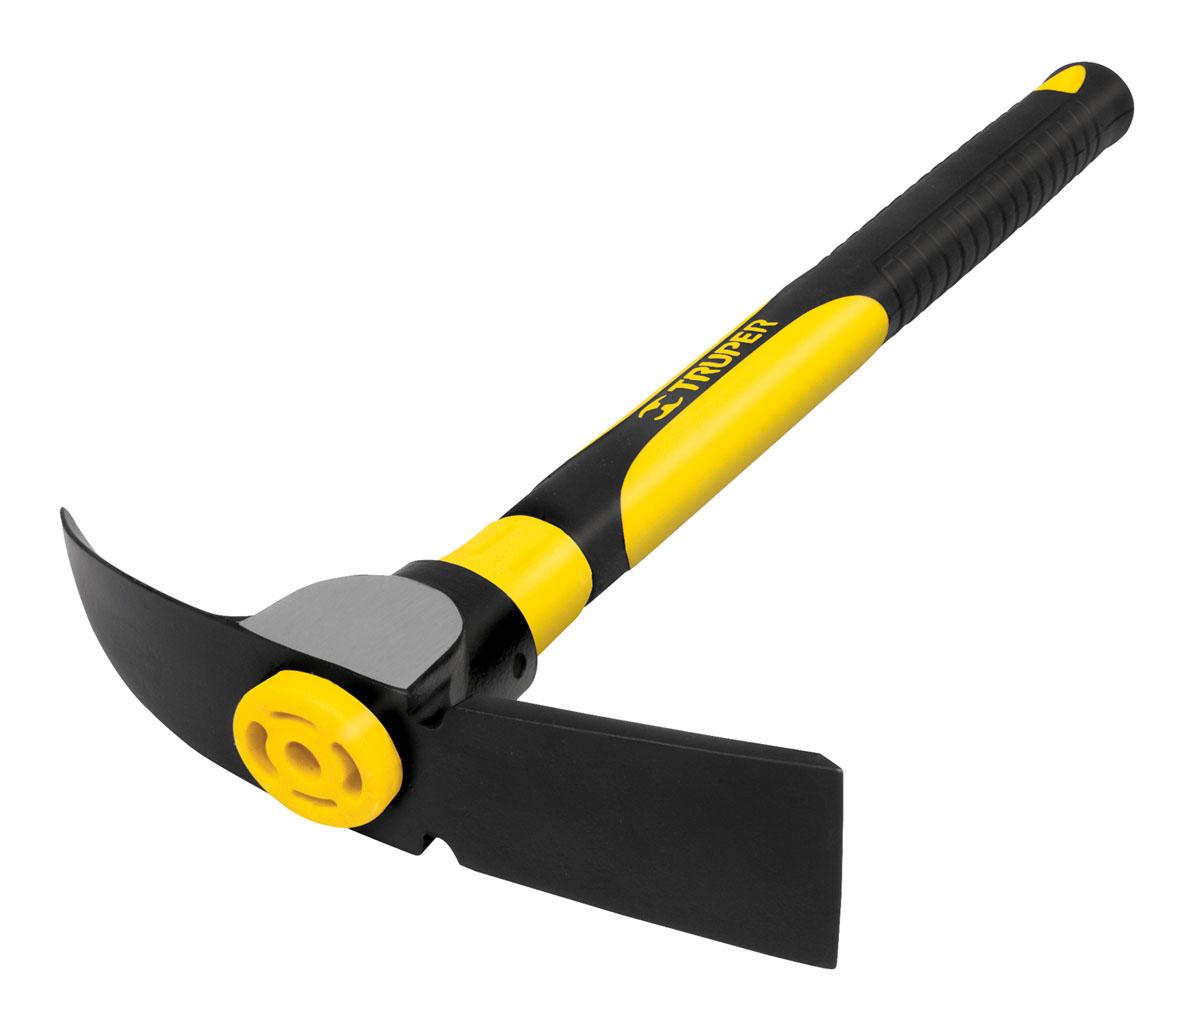 Кайло двухстороннее Truper, с фибергласовой ручкойTJA-1Кайло Truper предназначено для разрыхления твердого грунта при строительных и земляных работах. Инструмент прослужит в течение долгого времени, благодаря бойку из высококачественной стали. Инструмент оснащен удобной фиброгласовой рукояткой. Подойдет как для новичков, так и для профессионалов.